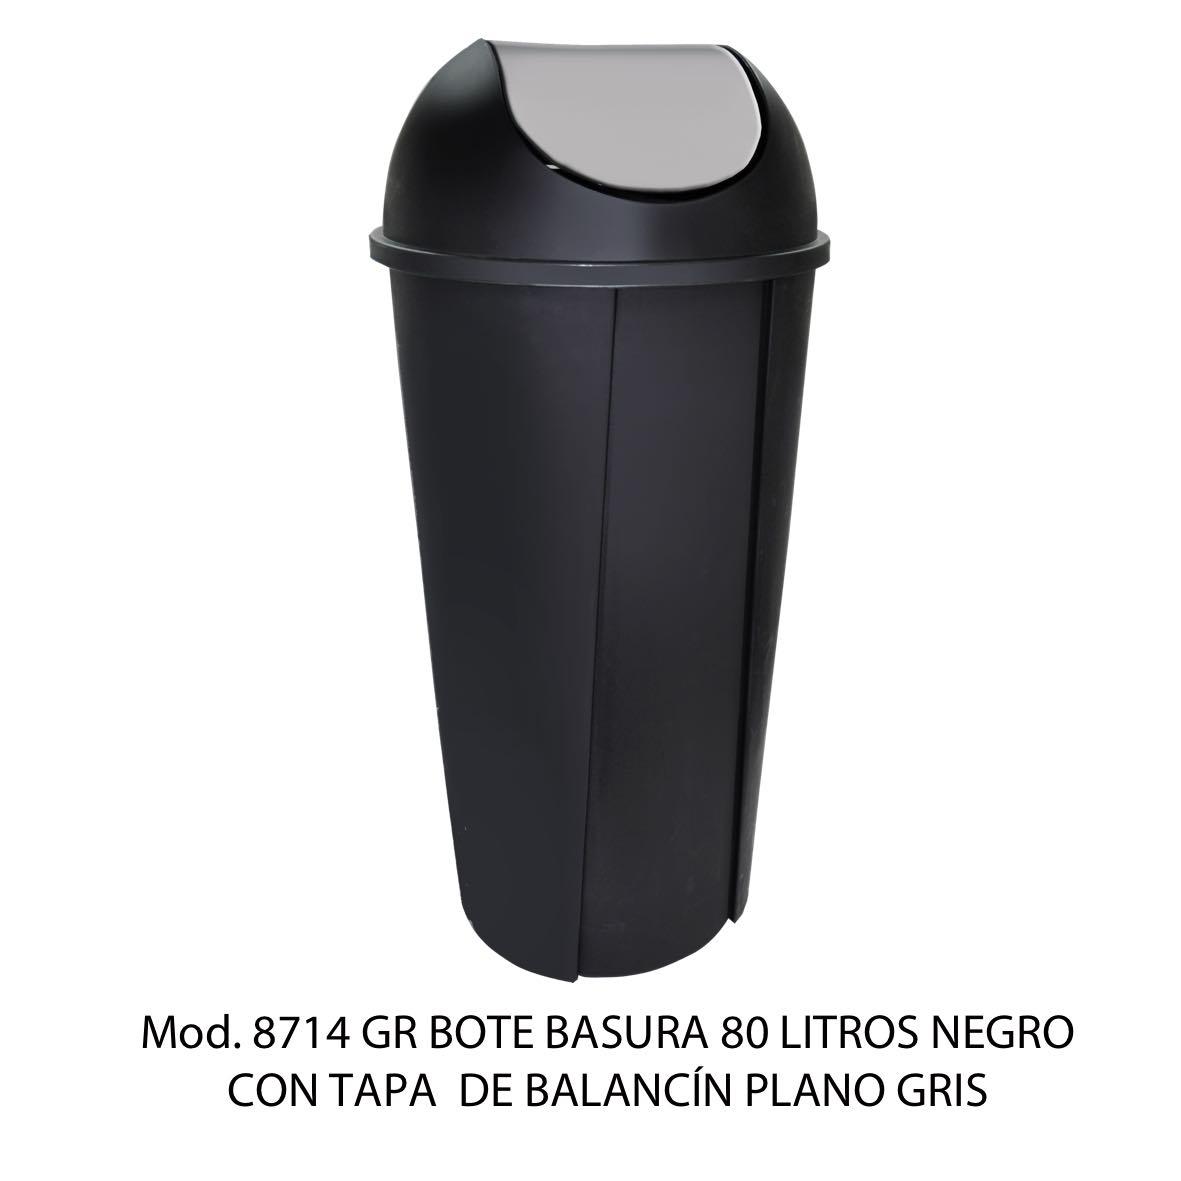 Bote de basura redondo negro de 80 litros con tapa gris tipo balancín liso modelo 8714 GR Sablón